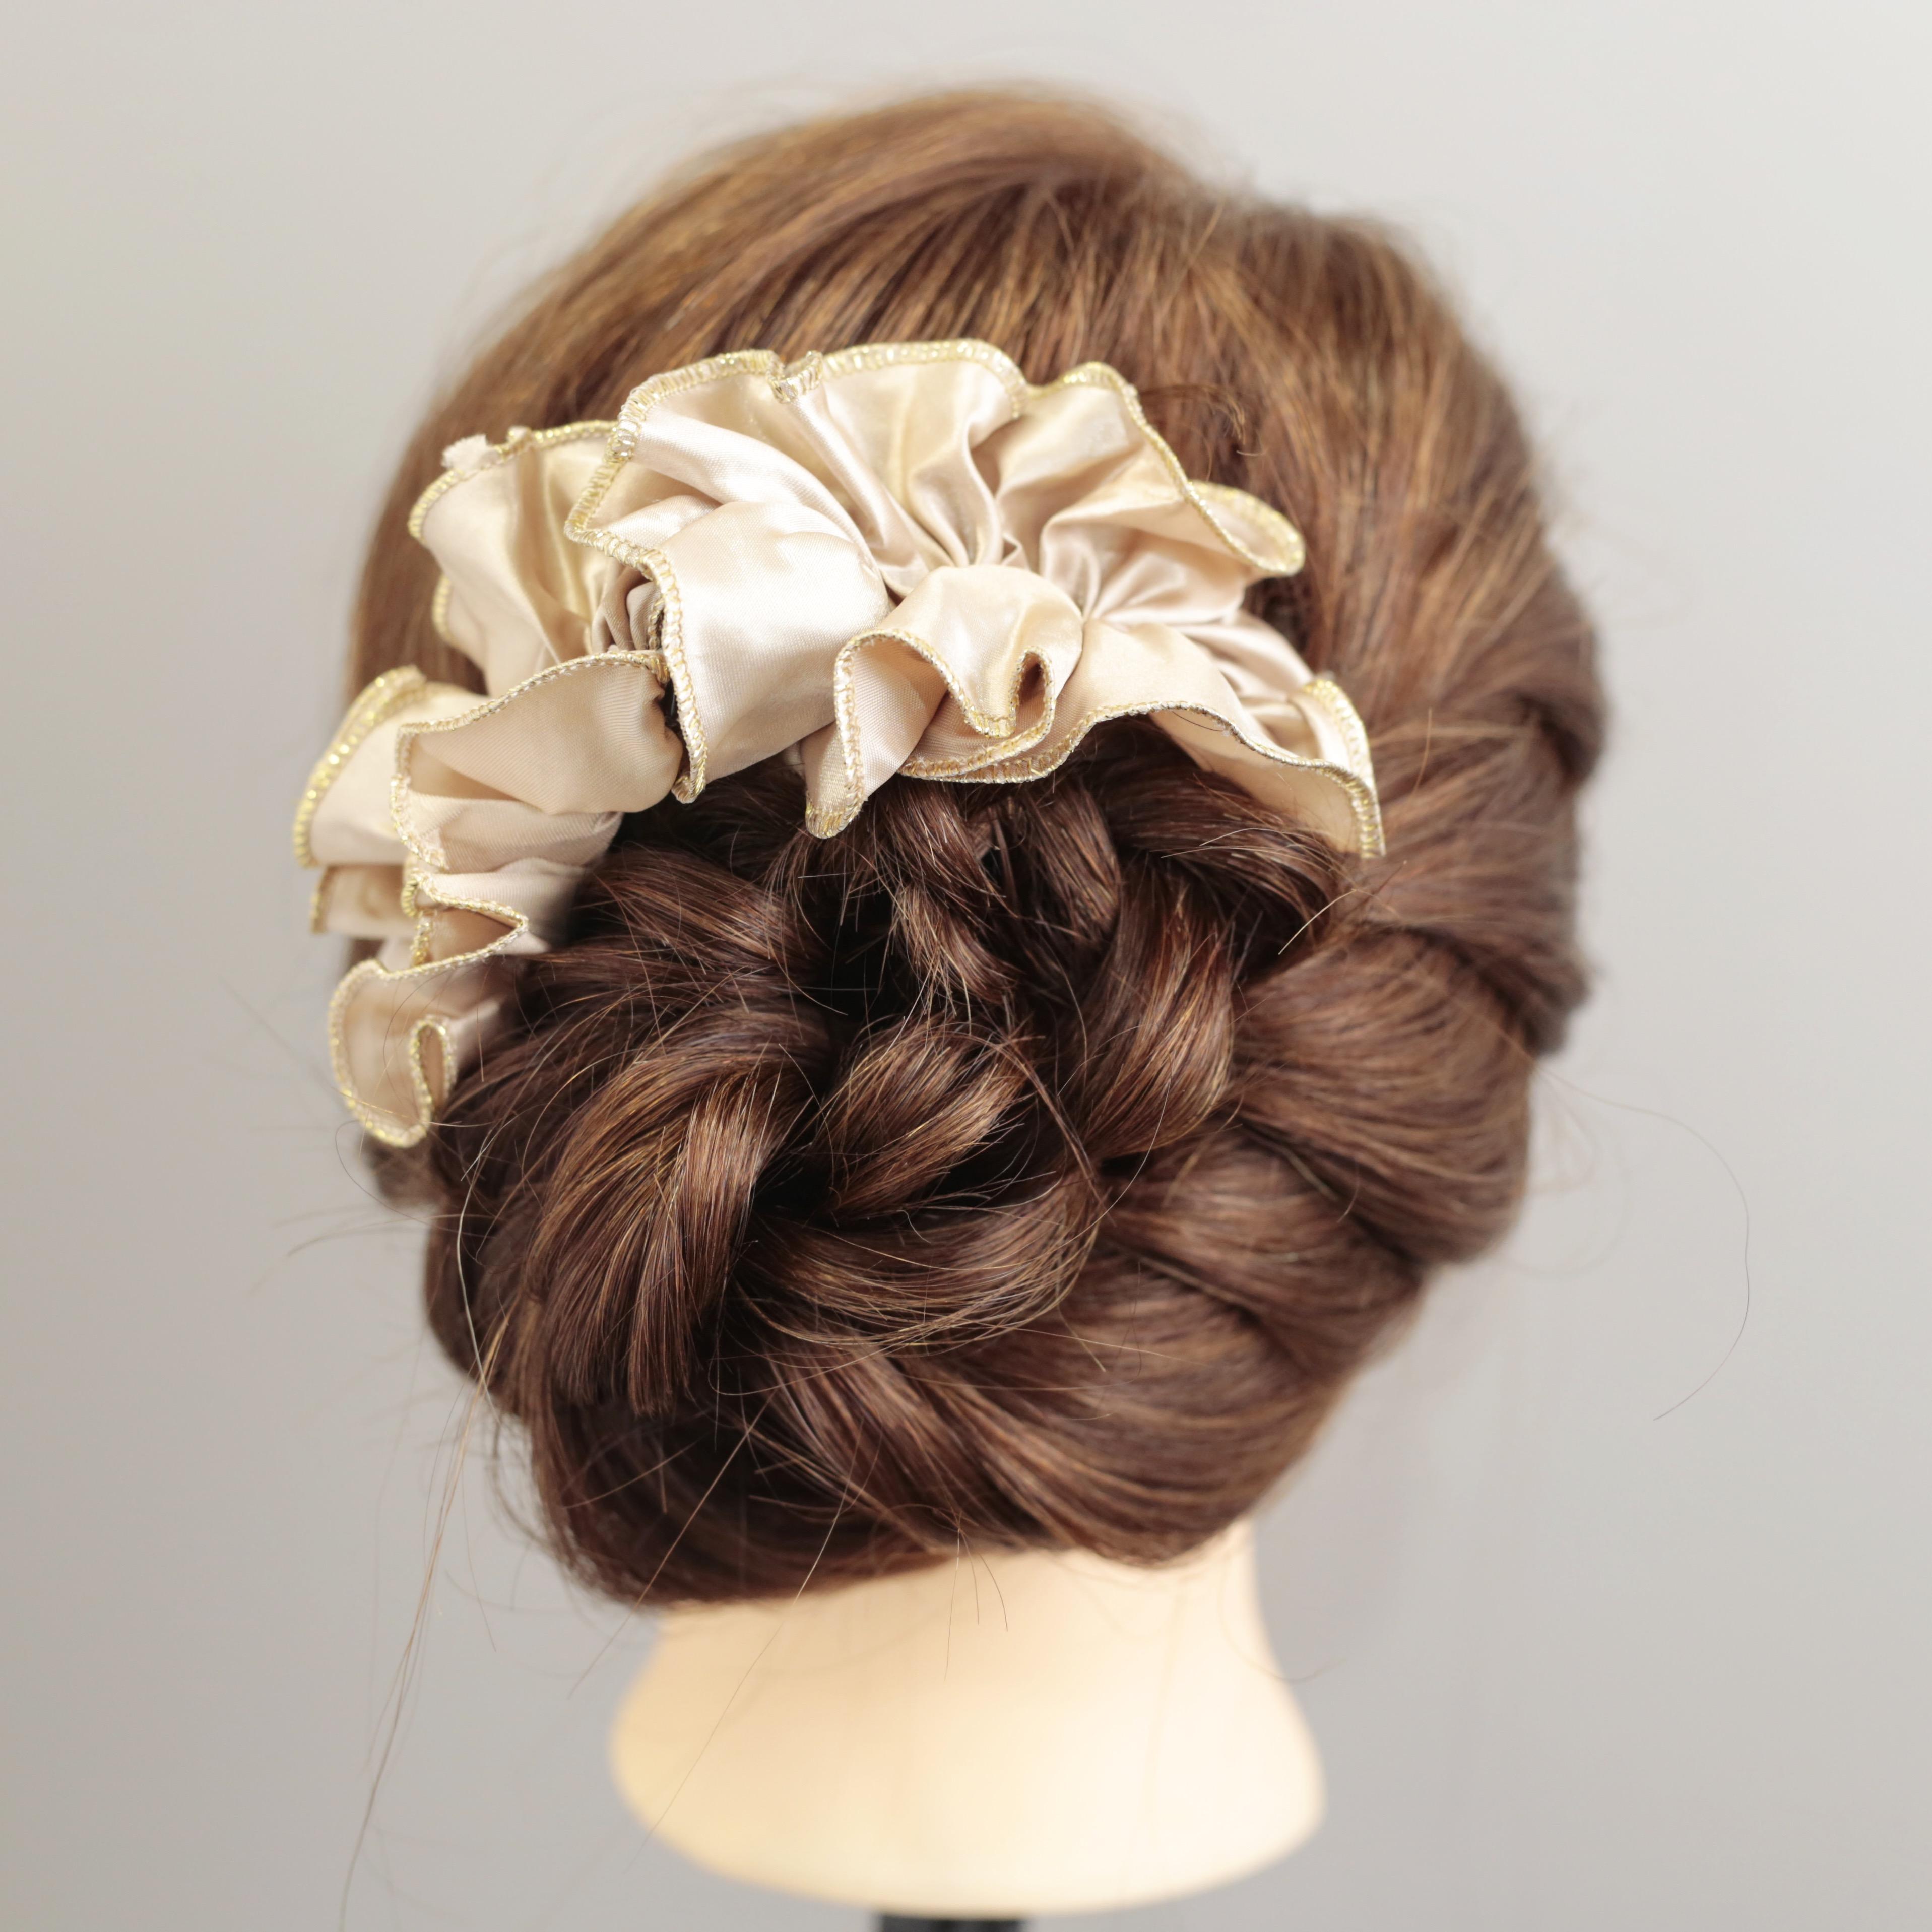 やはりヘアスタイルを作るのは何より楽しい。